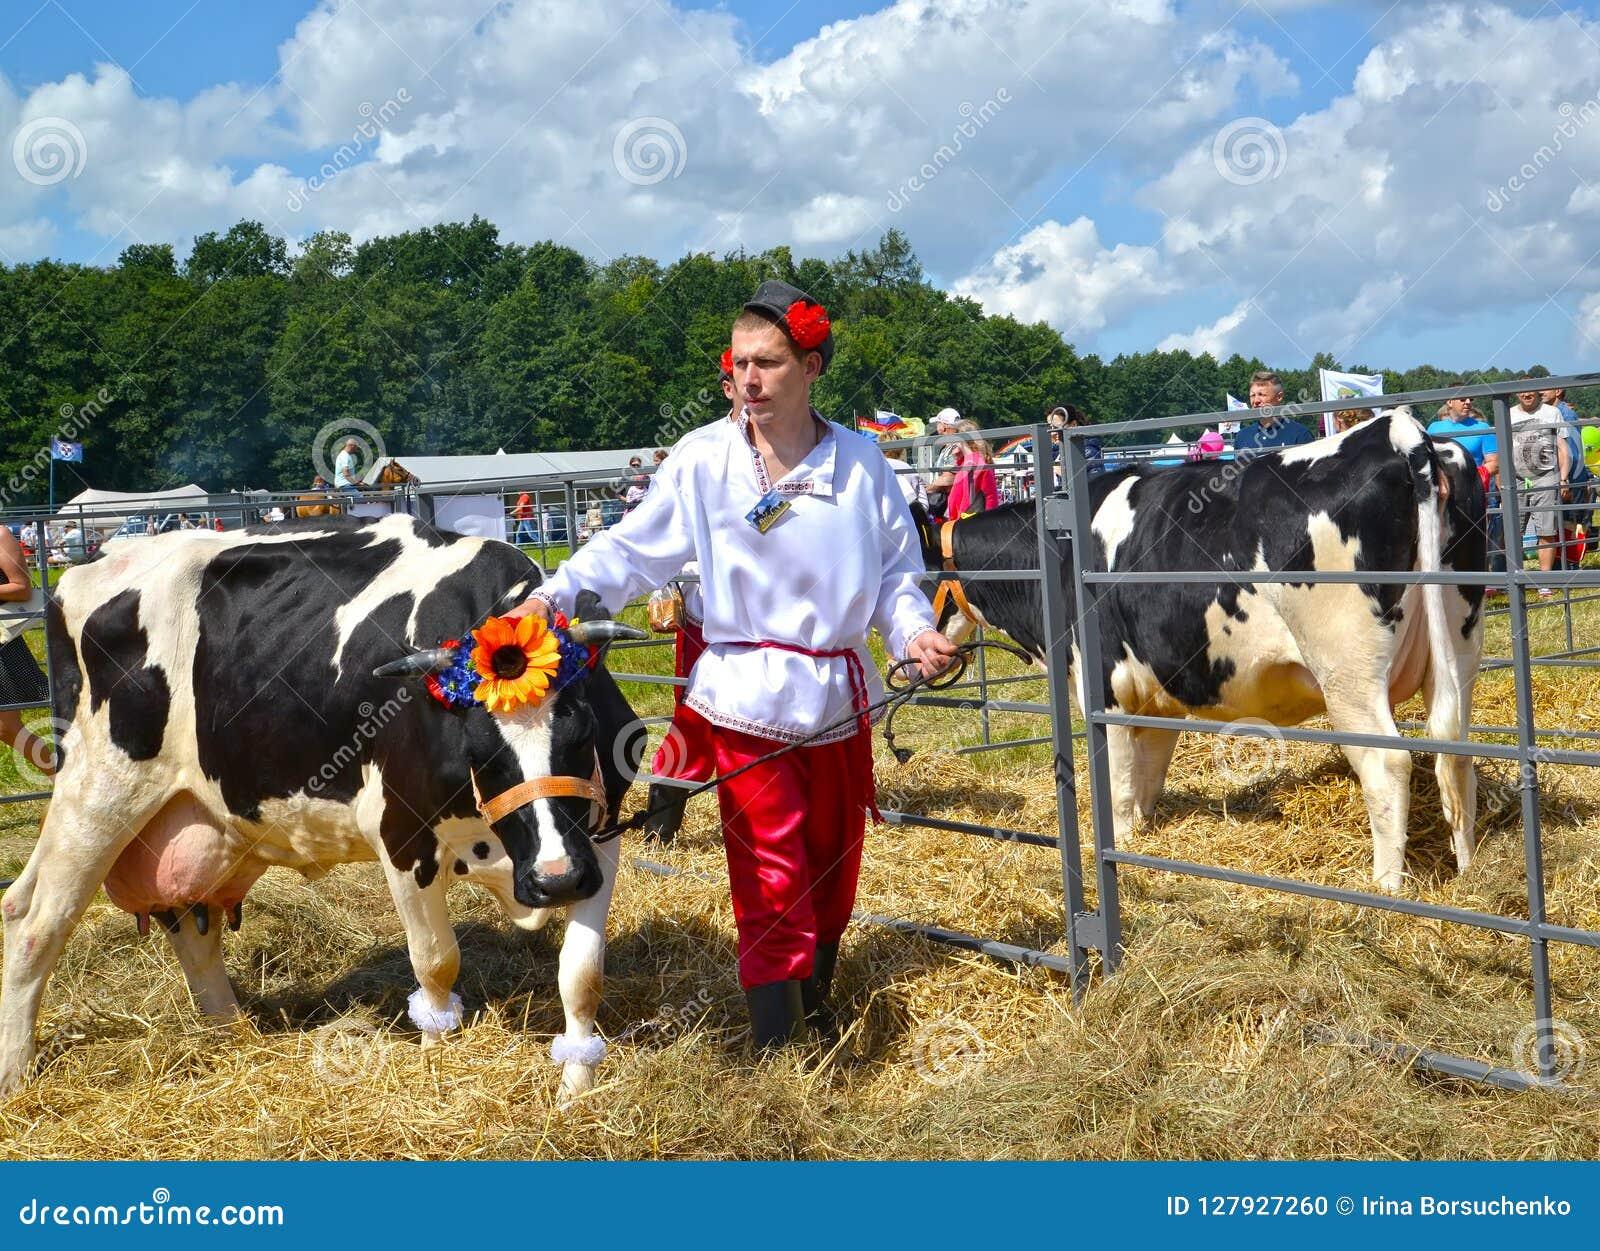 加里宁格勒地区,俄罗斯 农夫牛交配动物者在皮带举办黑色母牛和五颜六色品种 农业假日